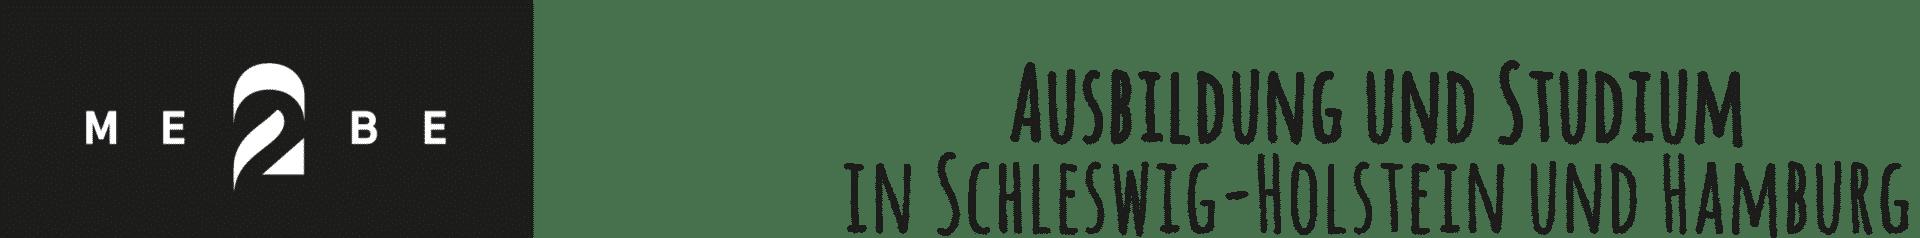 ME2BE – Ausbildung und Studium in Schleswig-Holstein und Hamburg